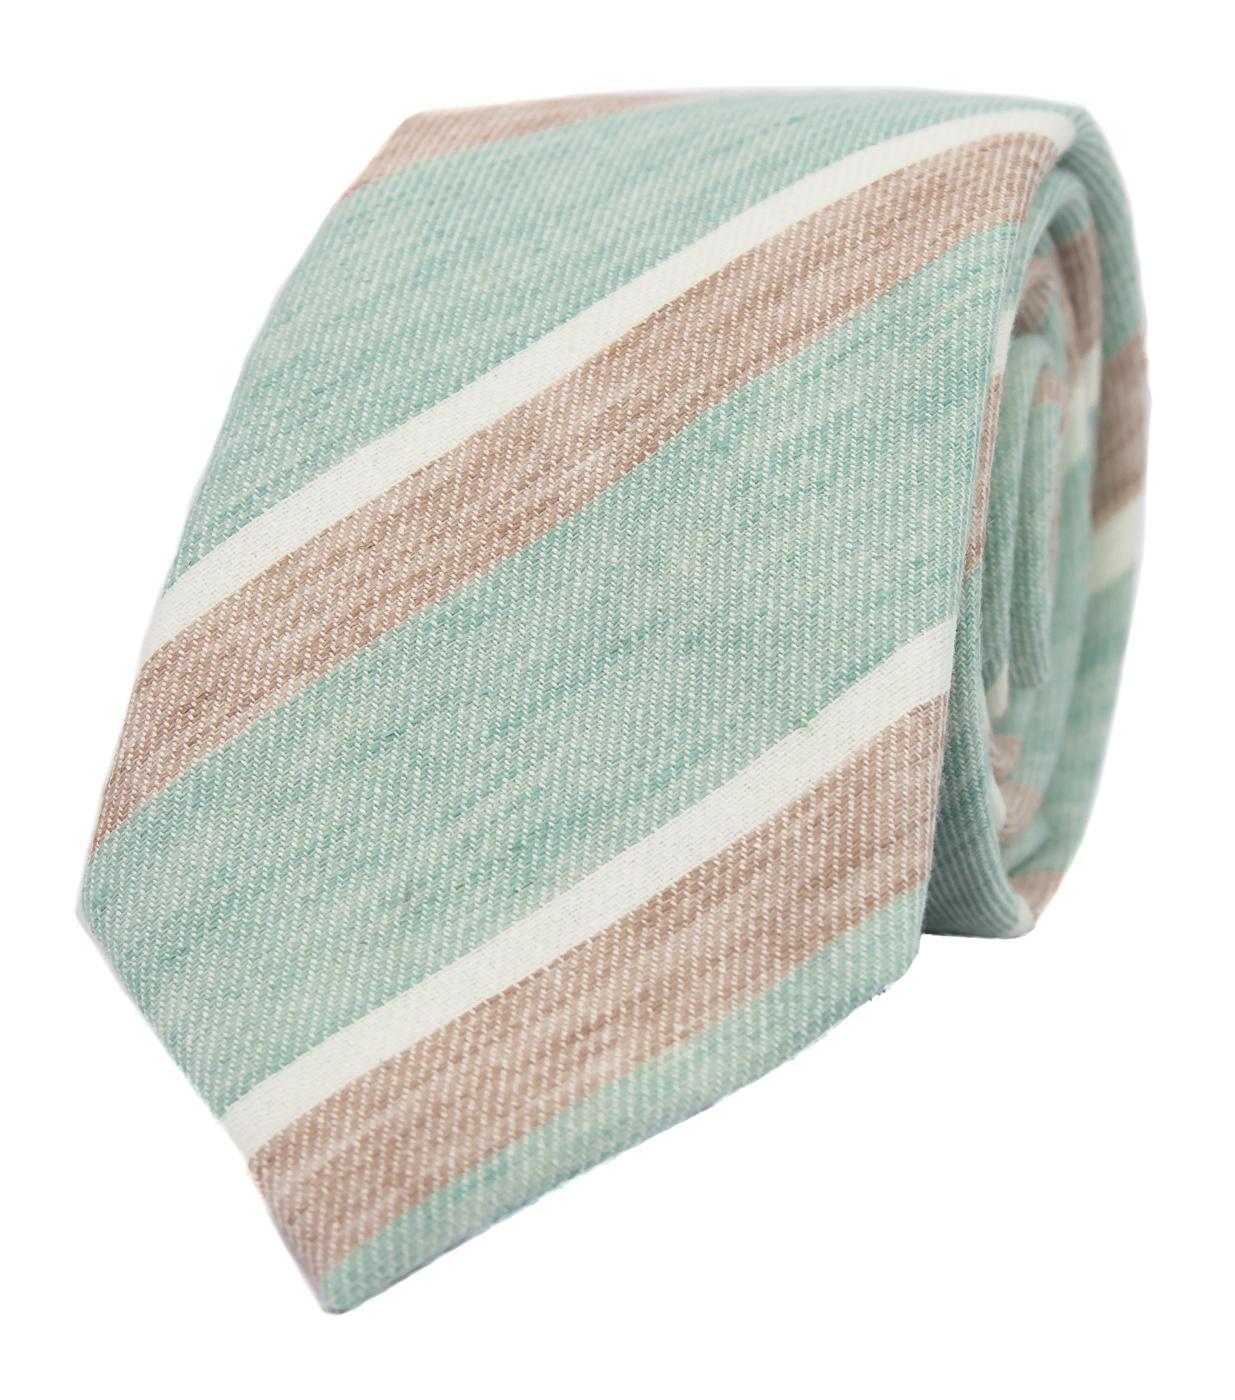 Nové svatební kravaty a motýlky - Mint kravata s proužky